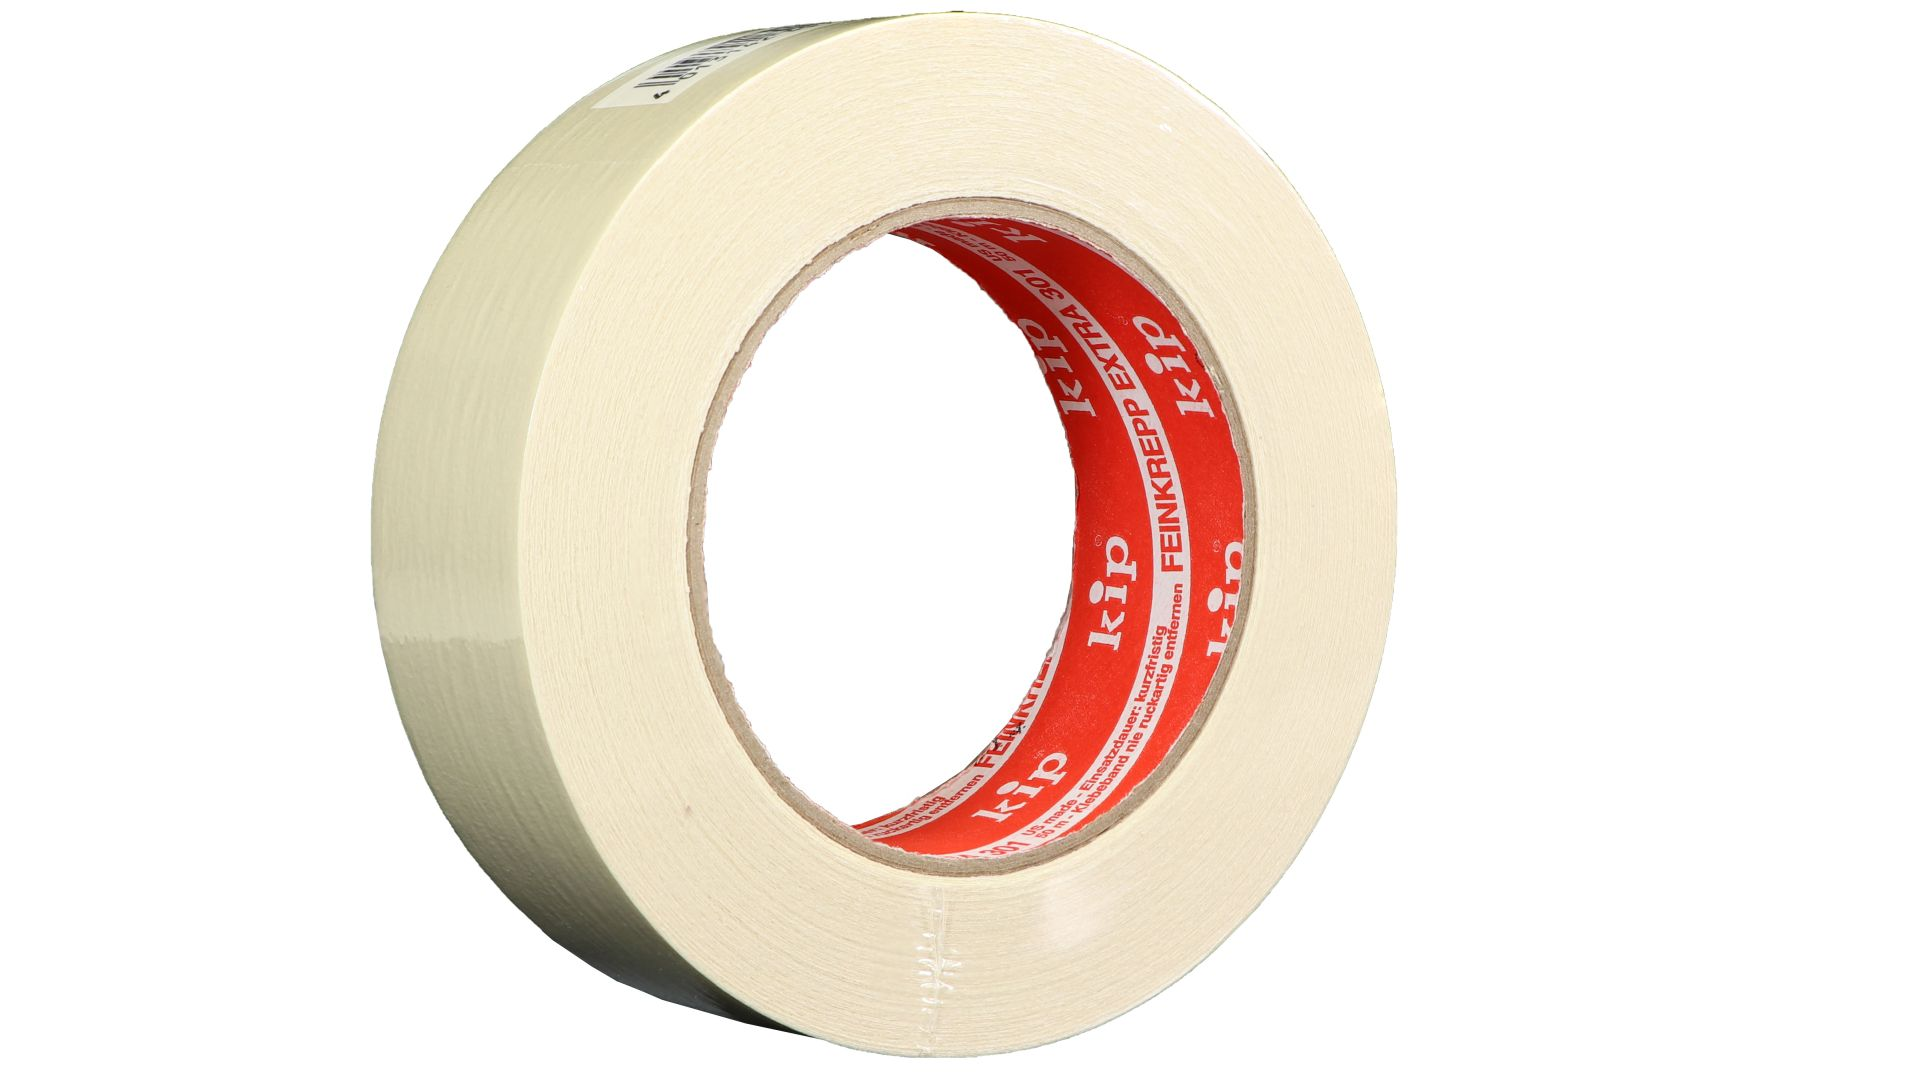 KIP 301-36 Feinkrepp extra, Kreppband, beige, 36mm x 50 m